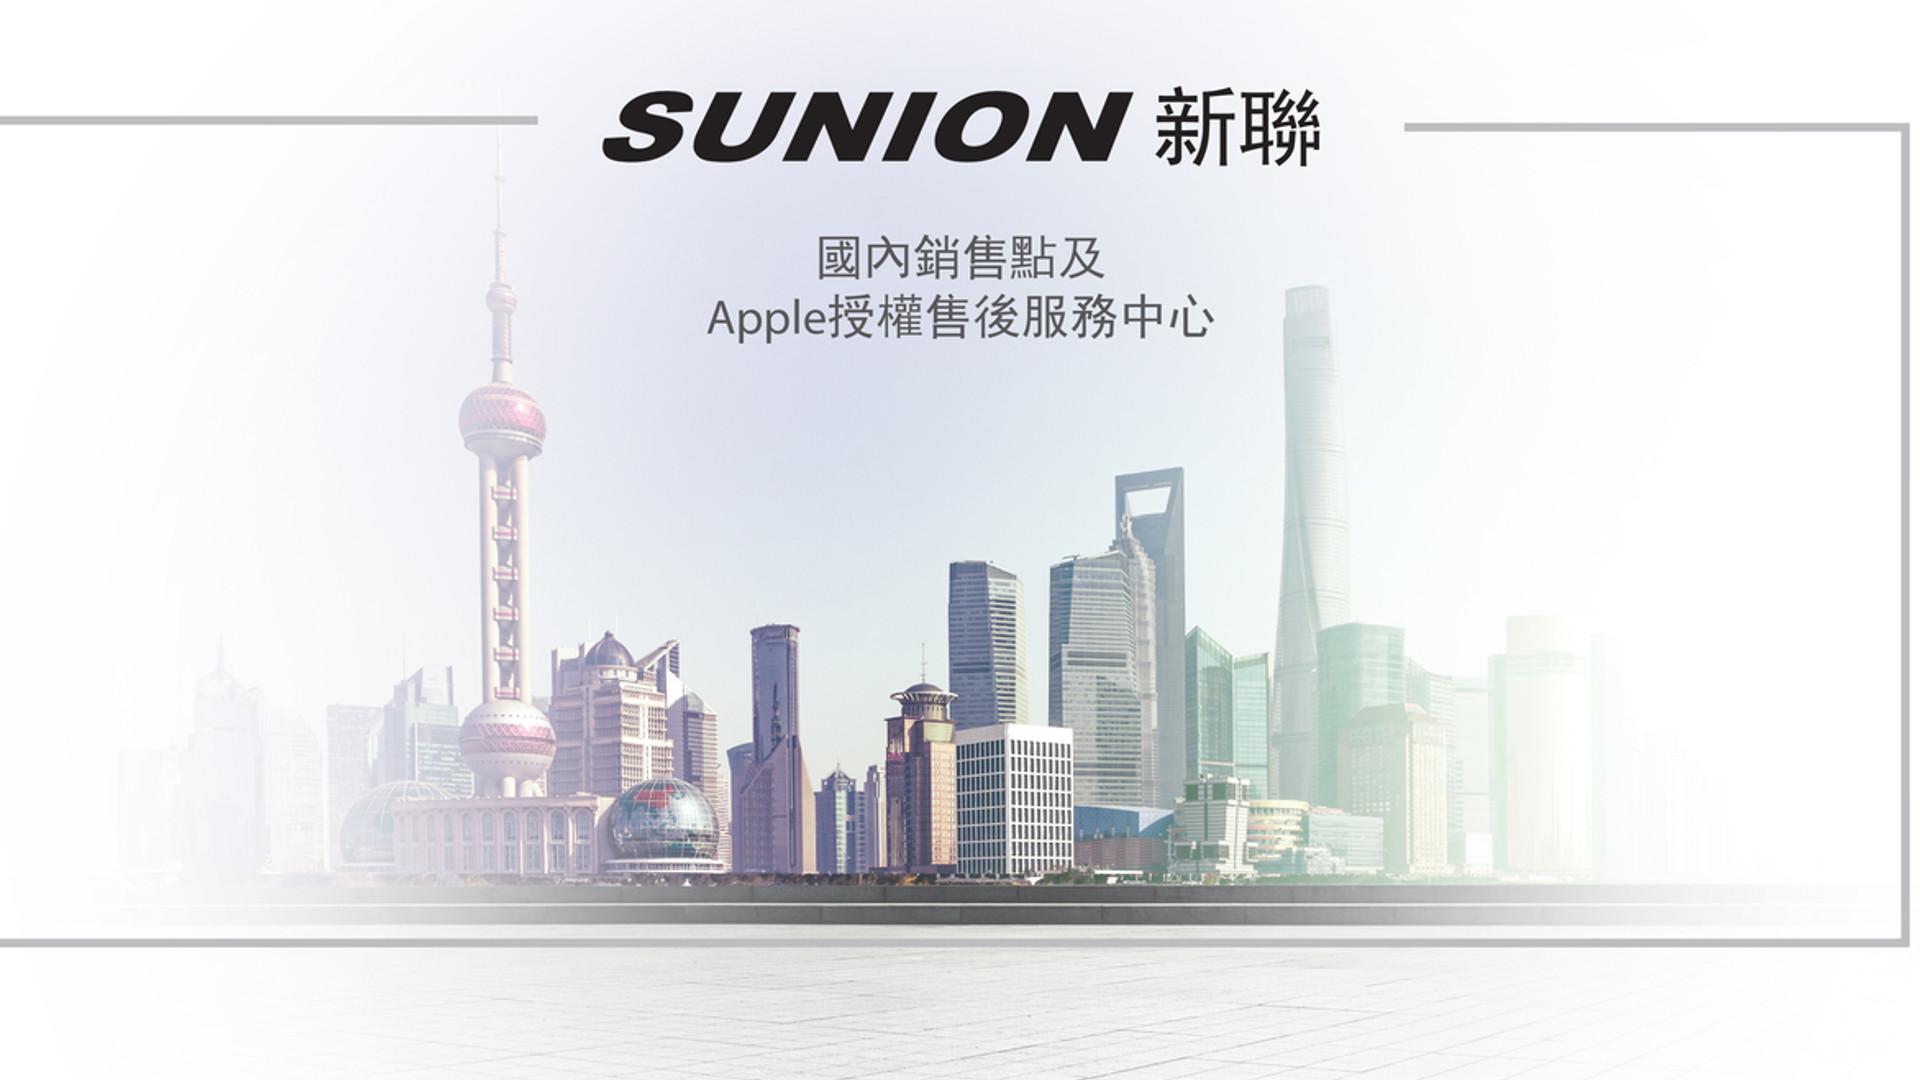 China Network - Sunion